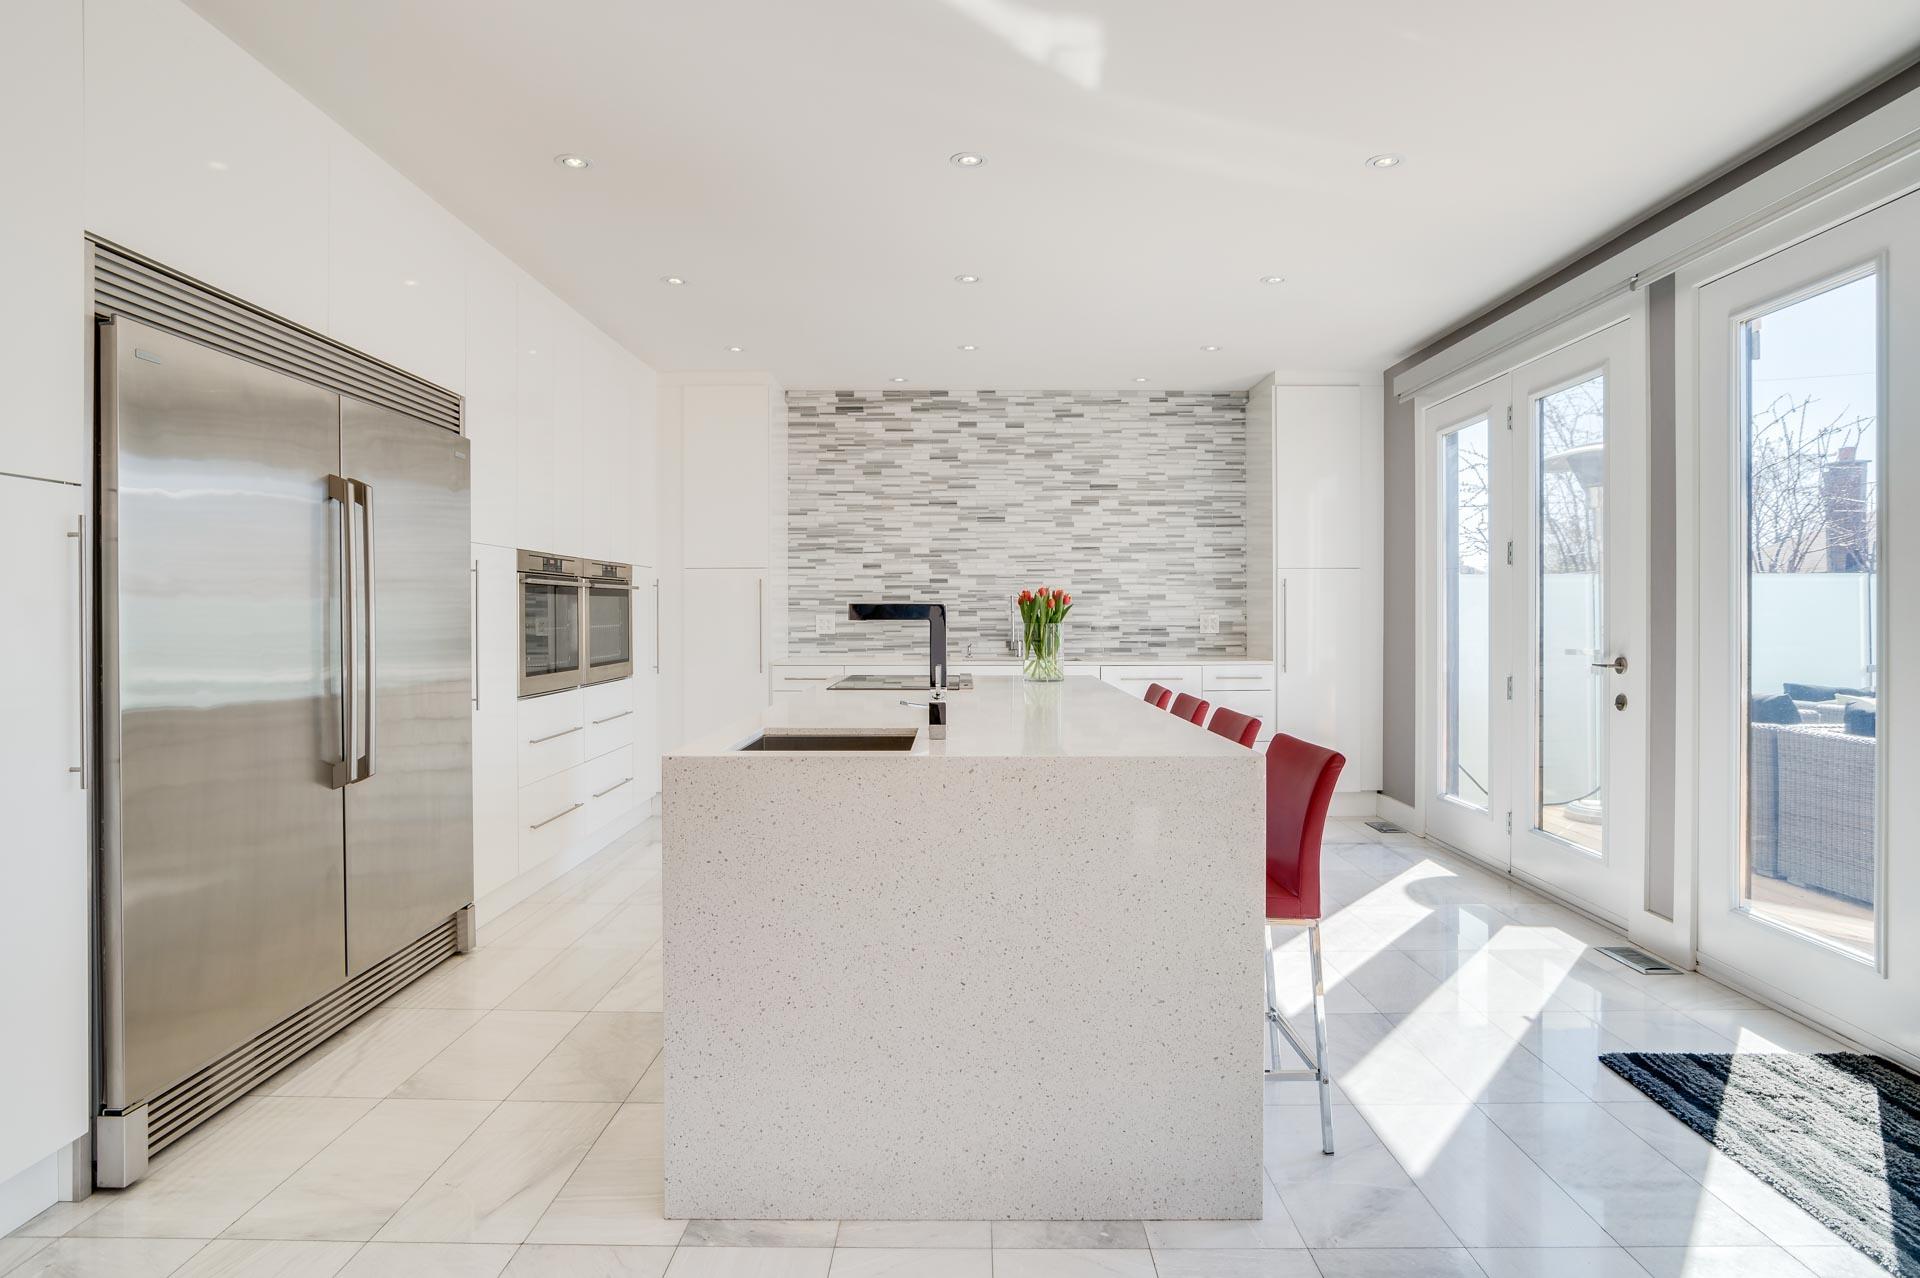 26_kitchen2.jpg